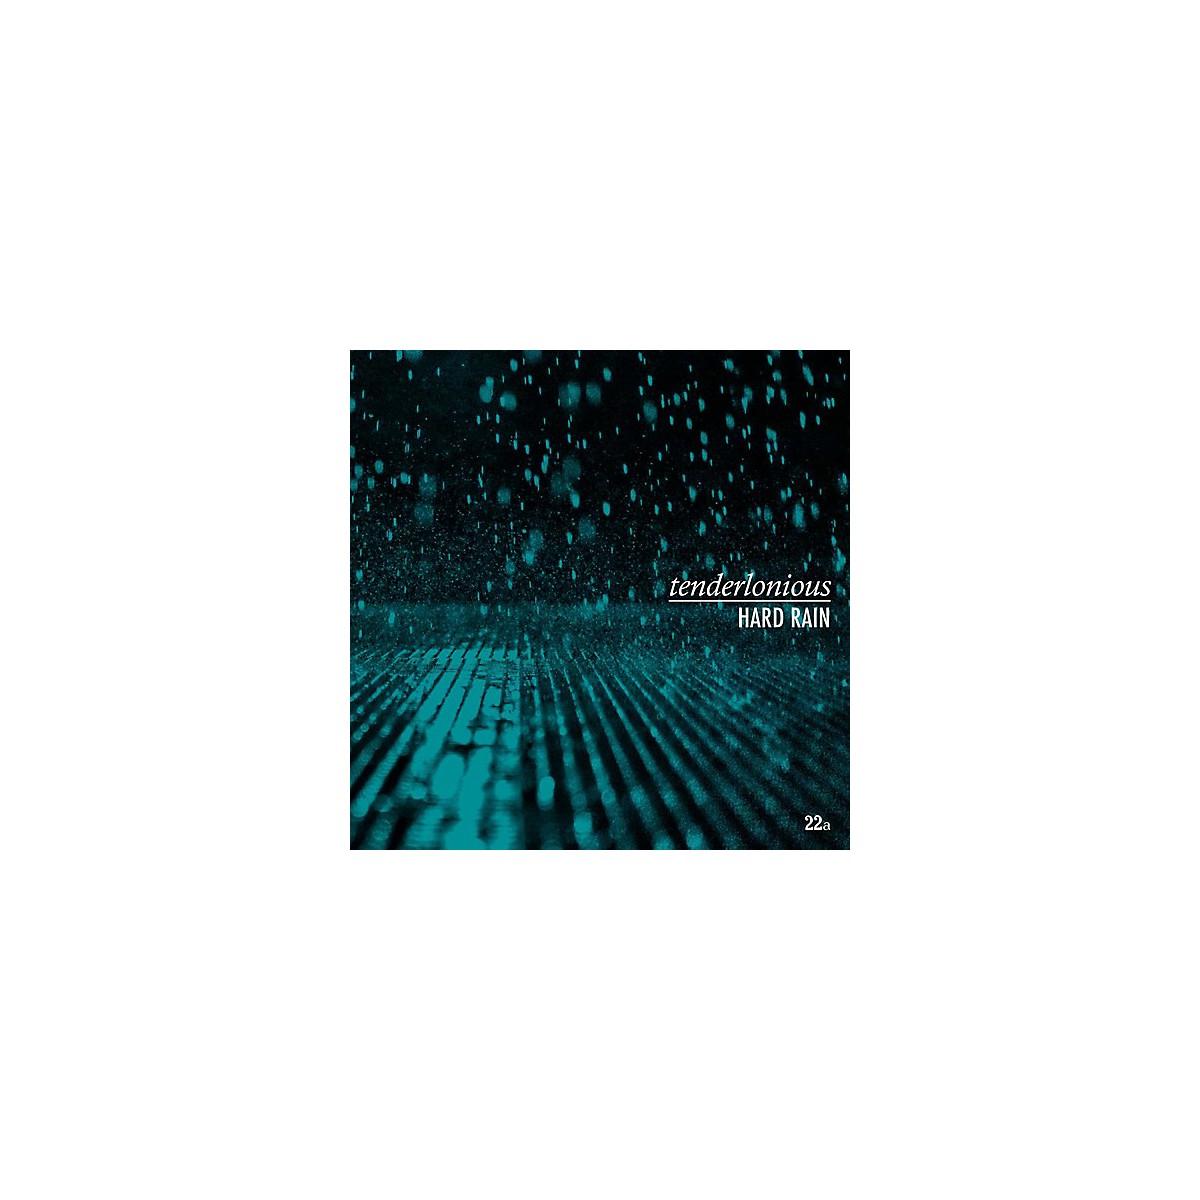 Alliance Tenderlonious - Hard Rain